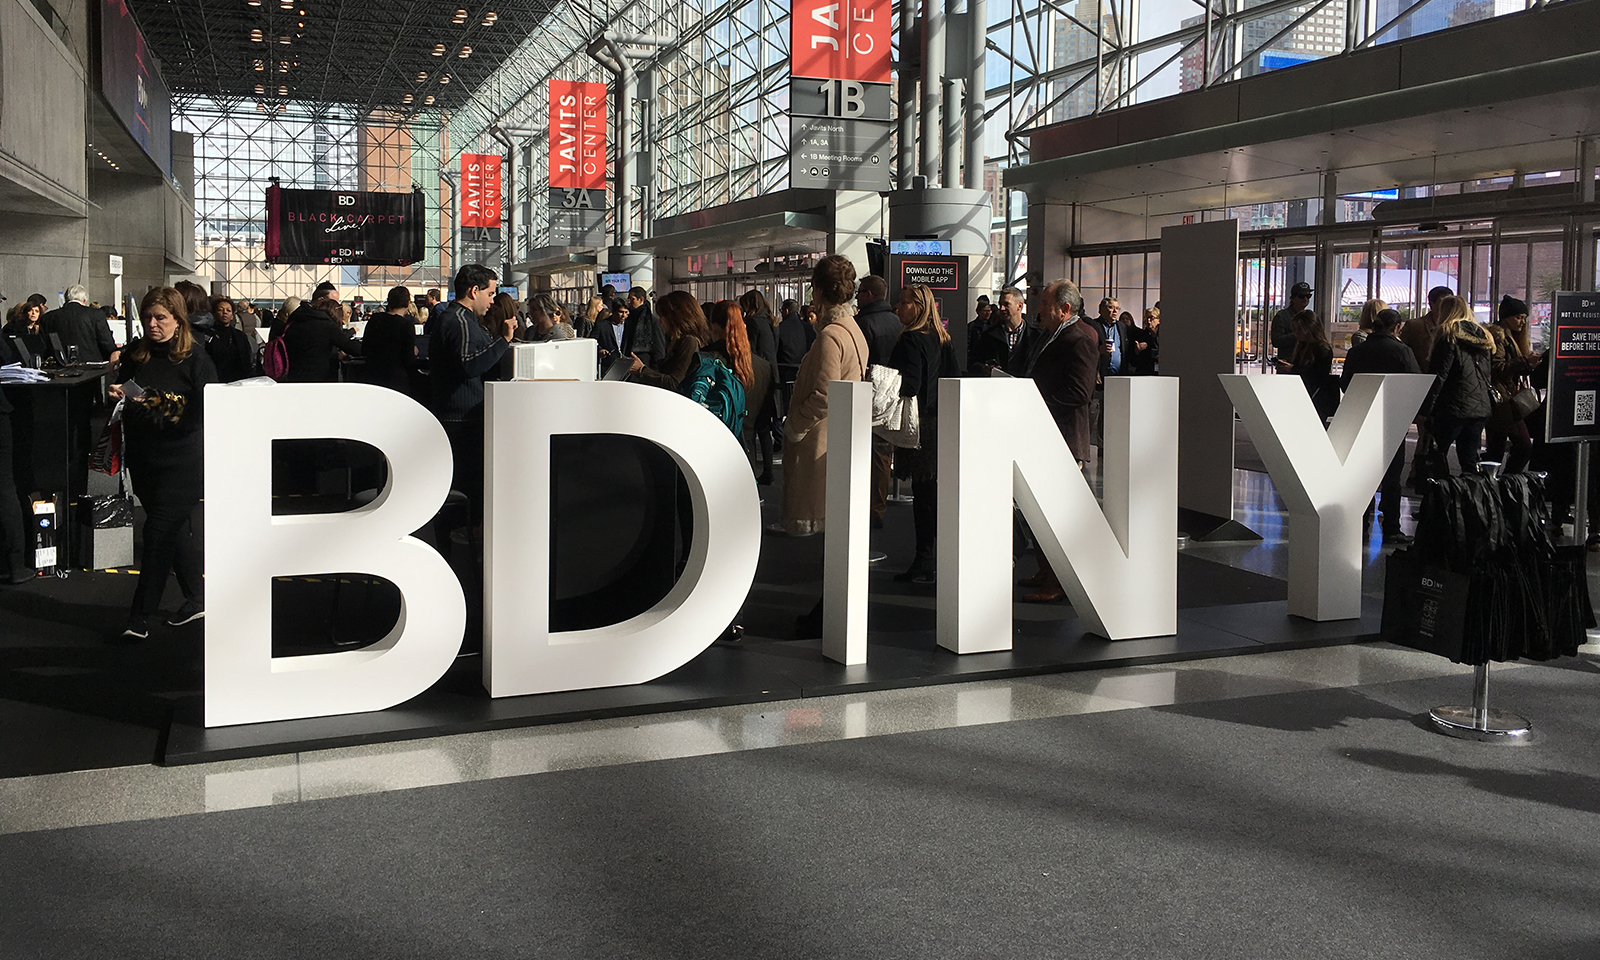 Boutique Design New York, BDNY, new york, interior design, hospitality, maison valentina boutique design new york What to Expect at Boutique Design New York (BDNY) bdny di feat